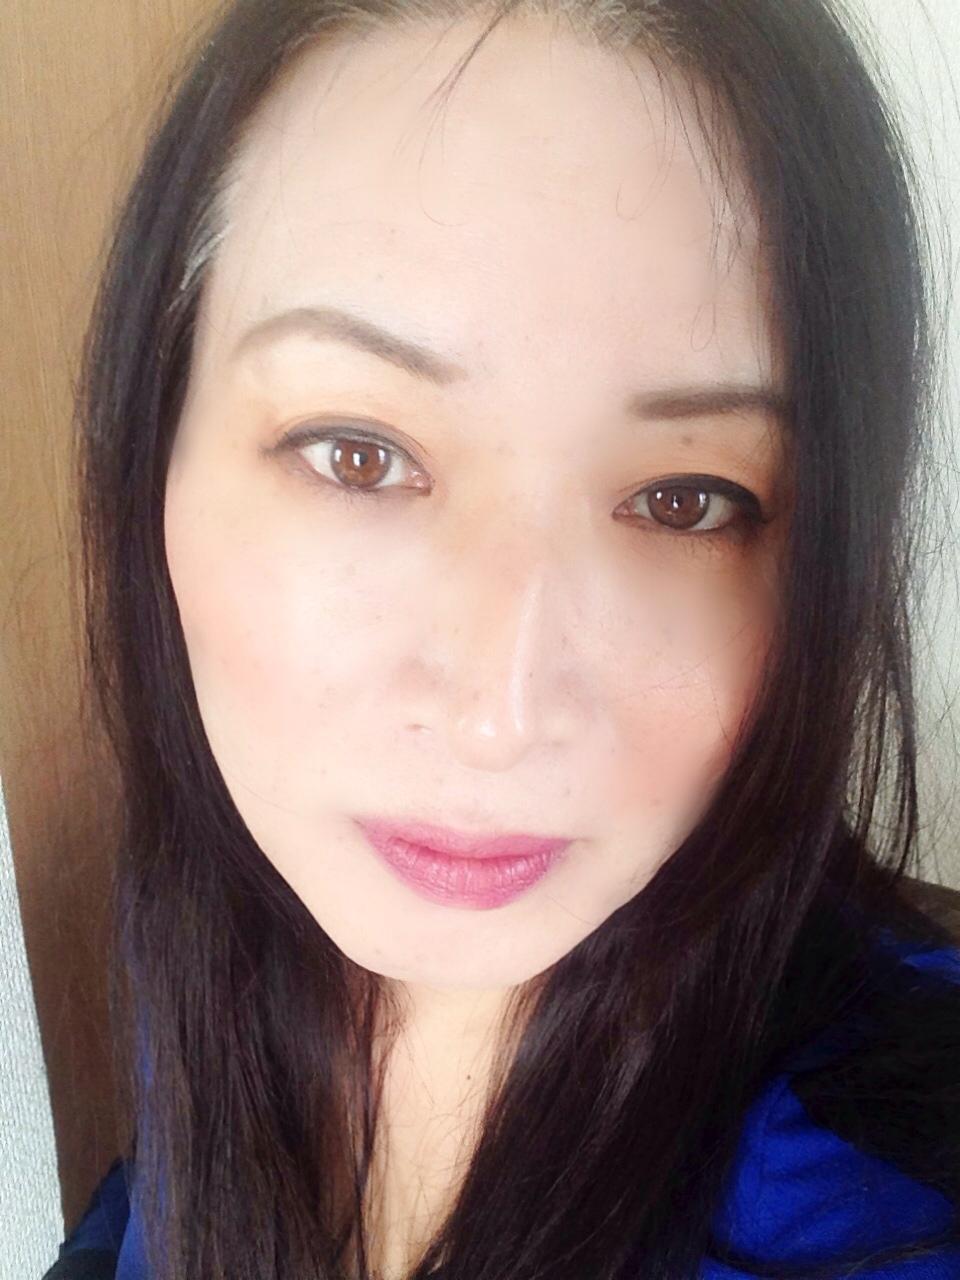 熟女NHヘルス孃マダム舞の袖振り合うも他生の縁|11月12日(水)  今日は埼玉です。